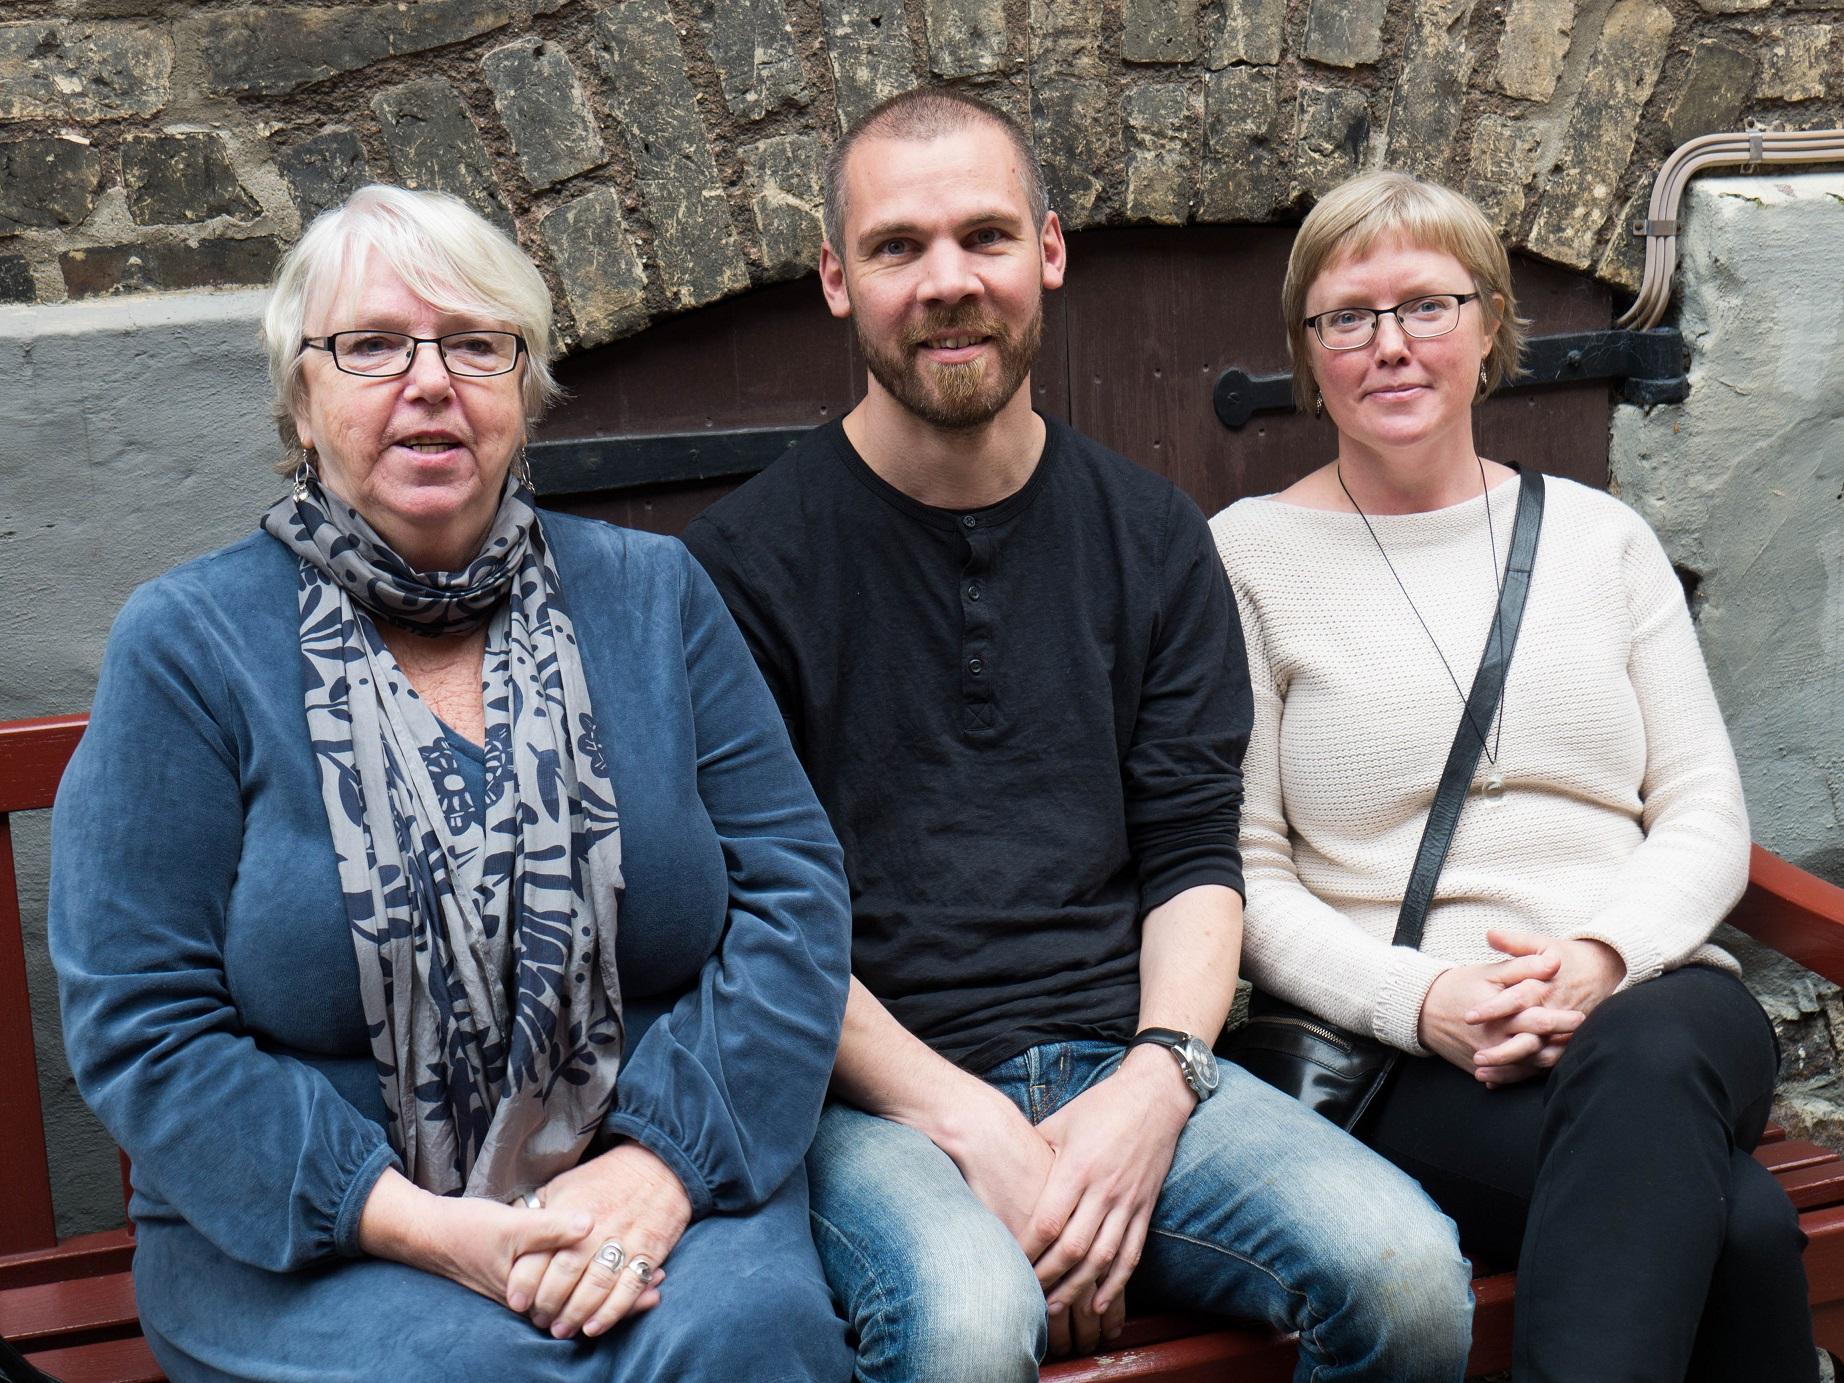 Från vänster sitter Birgitta Lööv, Hugos mormor i vitt kort hår, gasögon och en blå kläning. I mitten pappa Olle med kort skgg, svart tröja och jeans och till höger Malin med ljus tröja. De sitter utomhus på en bänk.